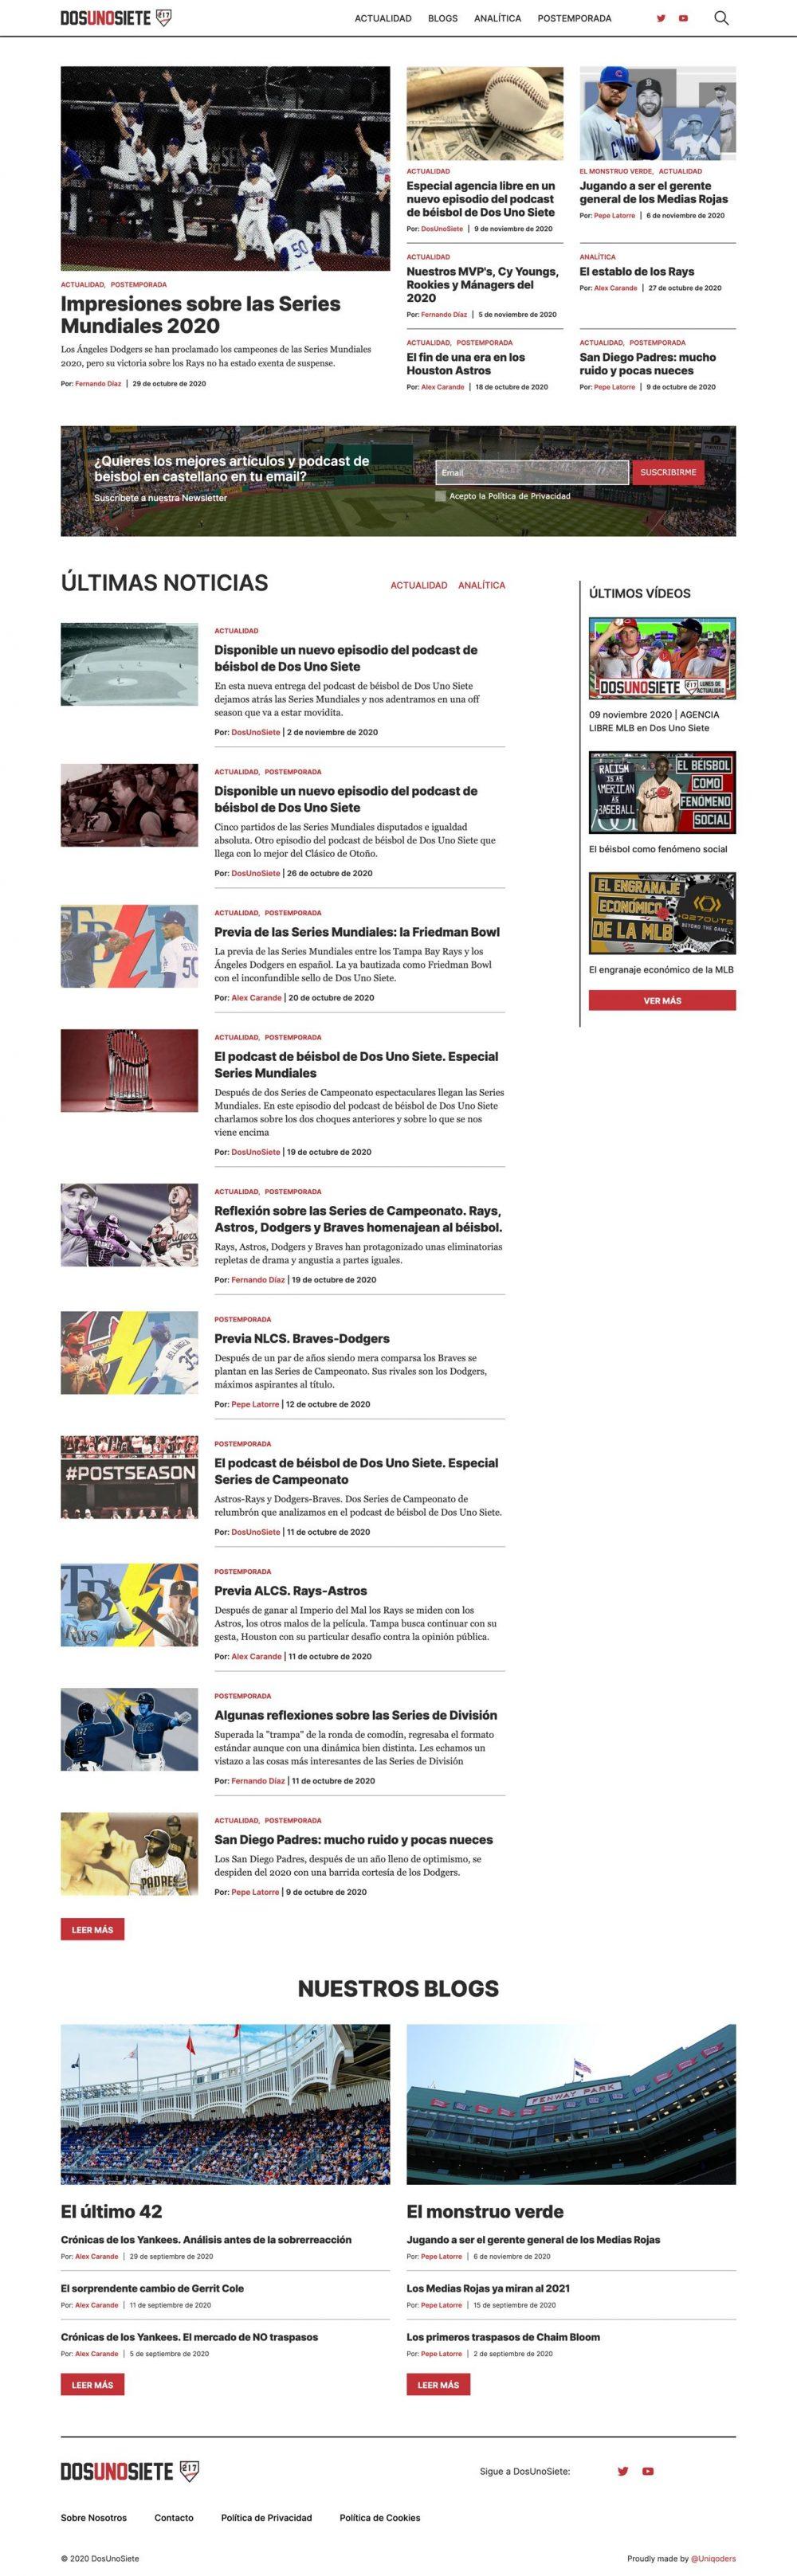 DosUnoSiete web full screenshot